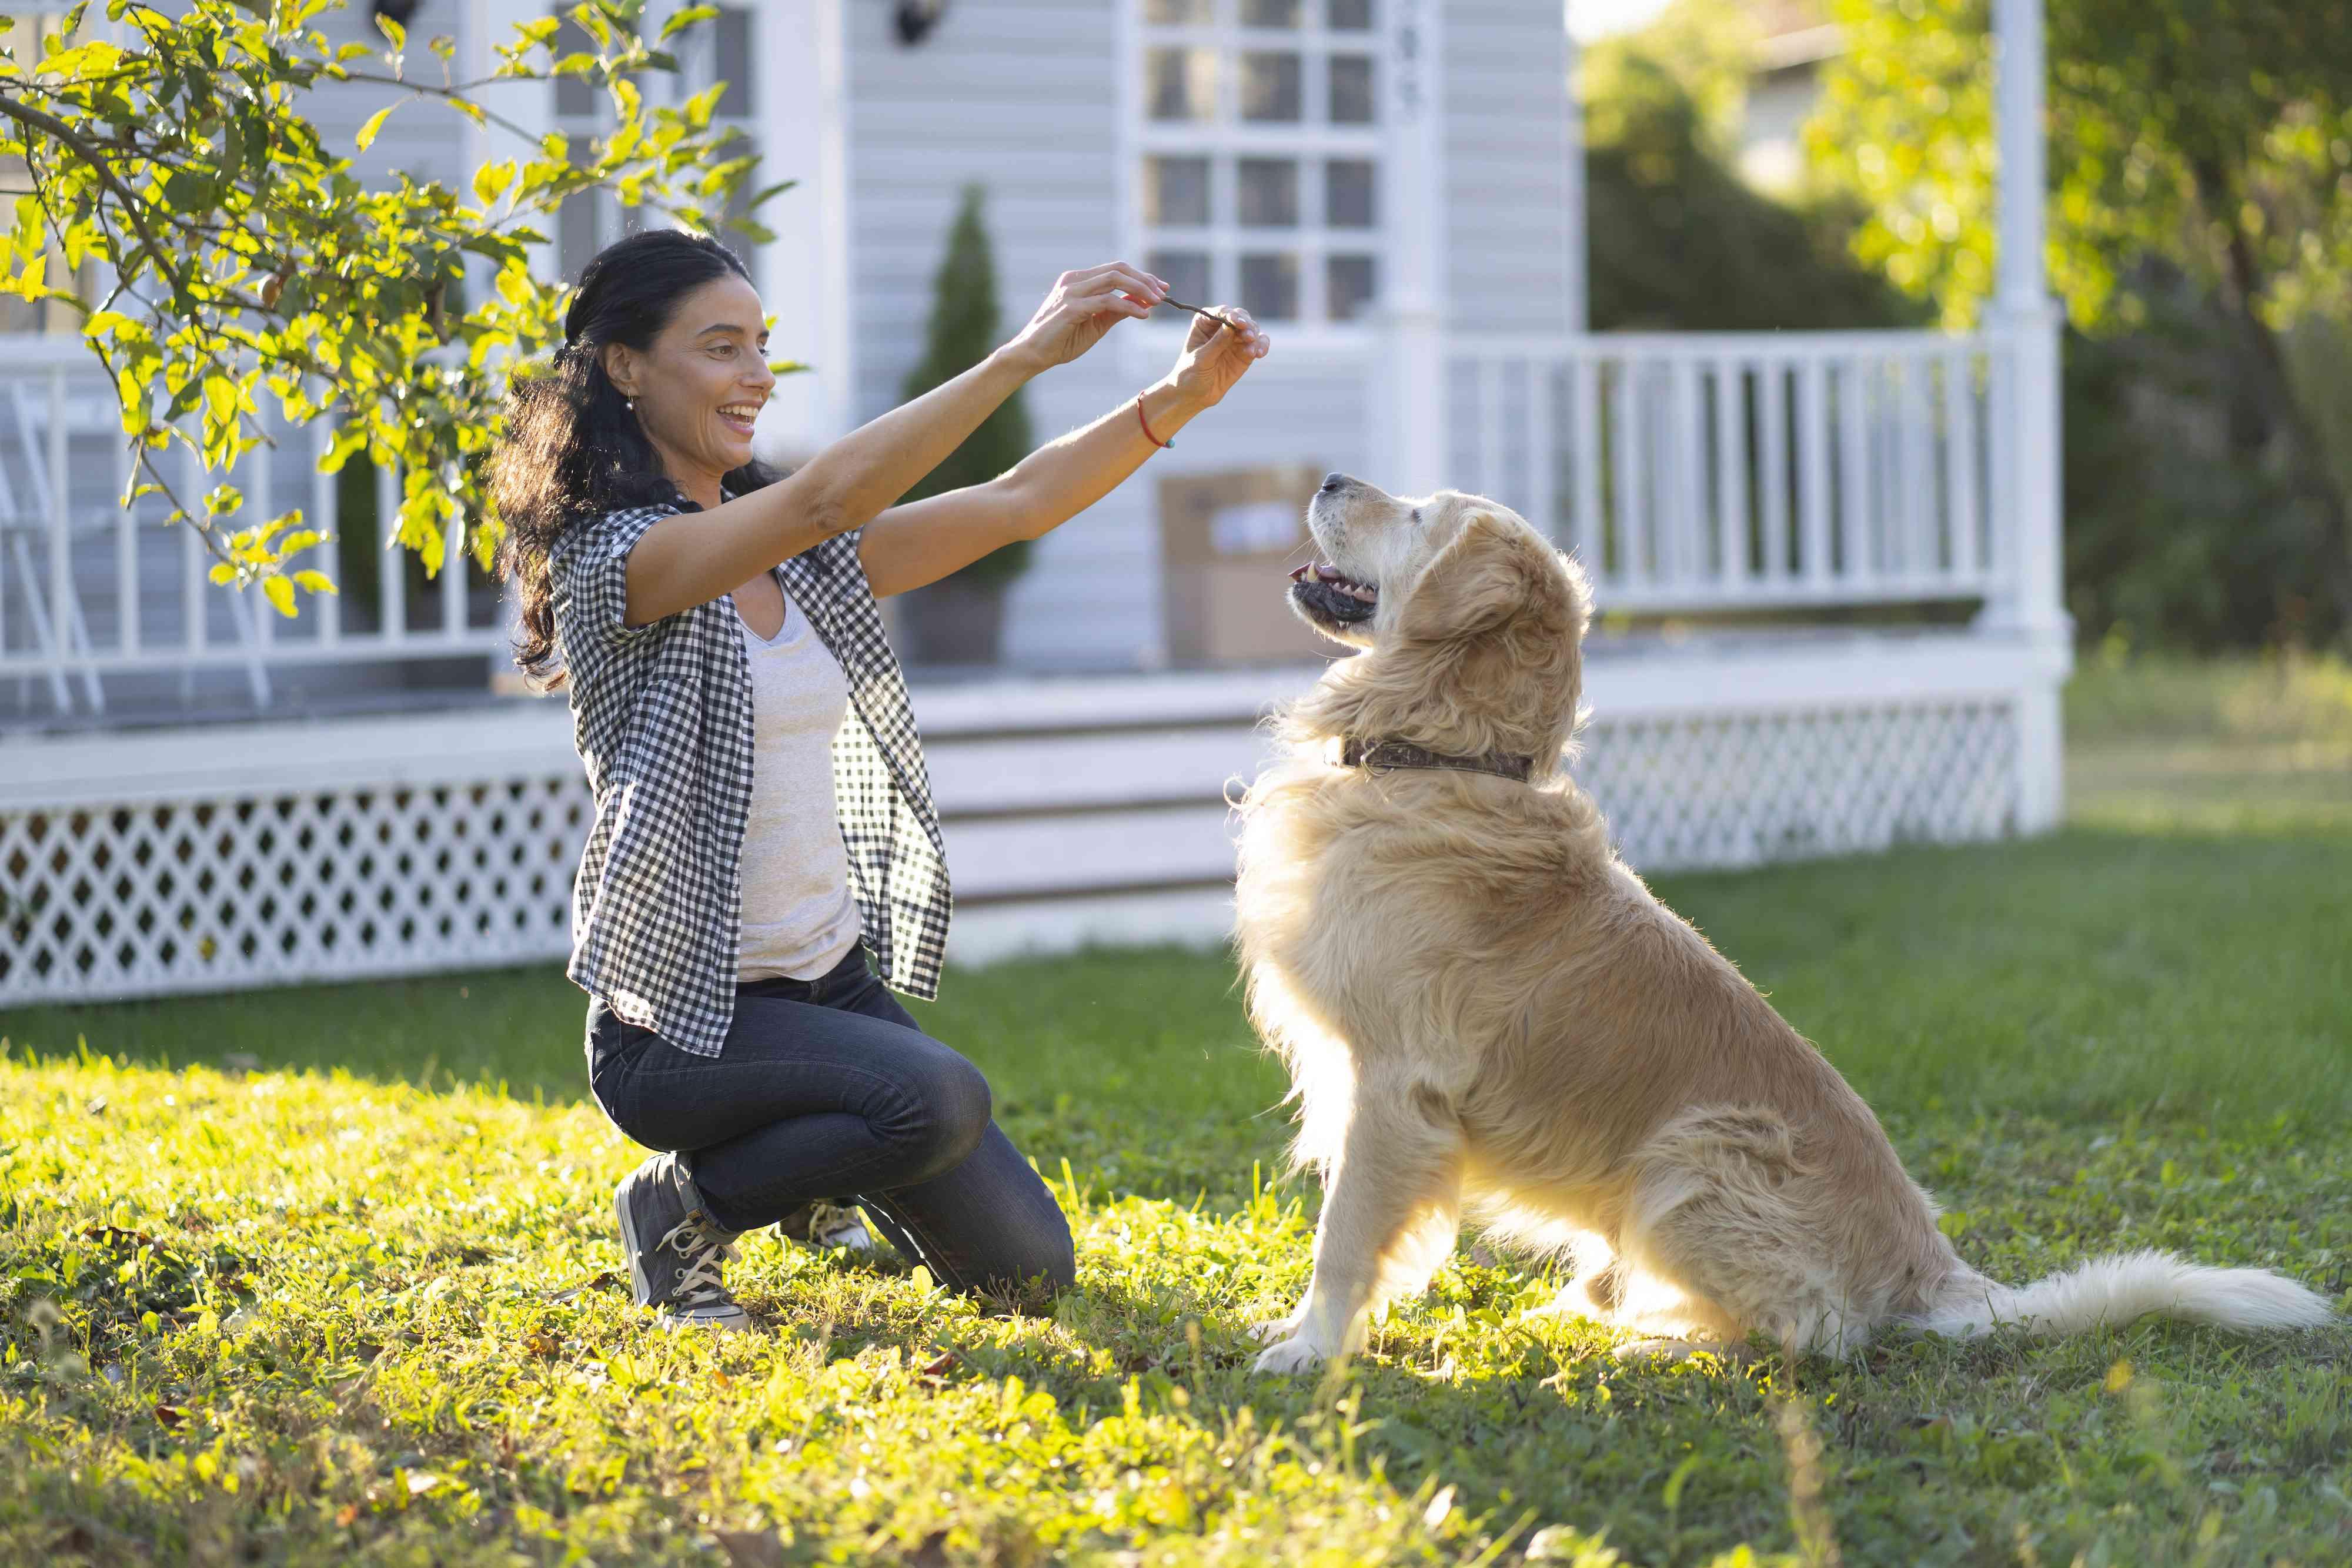 Woman training a dog in back yard